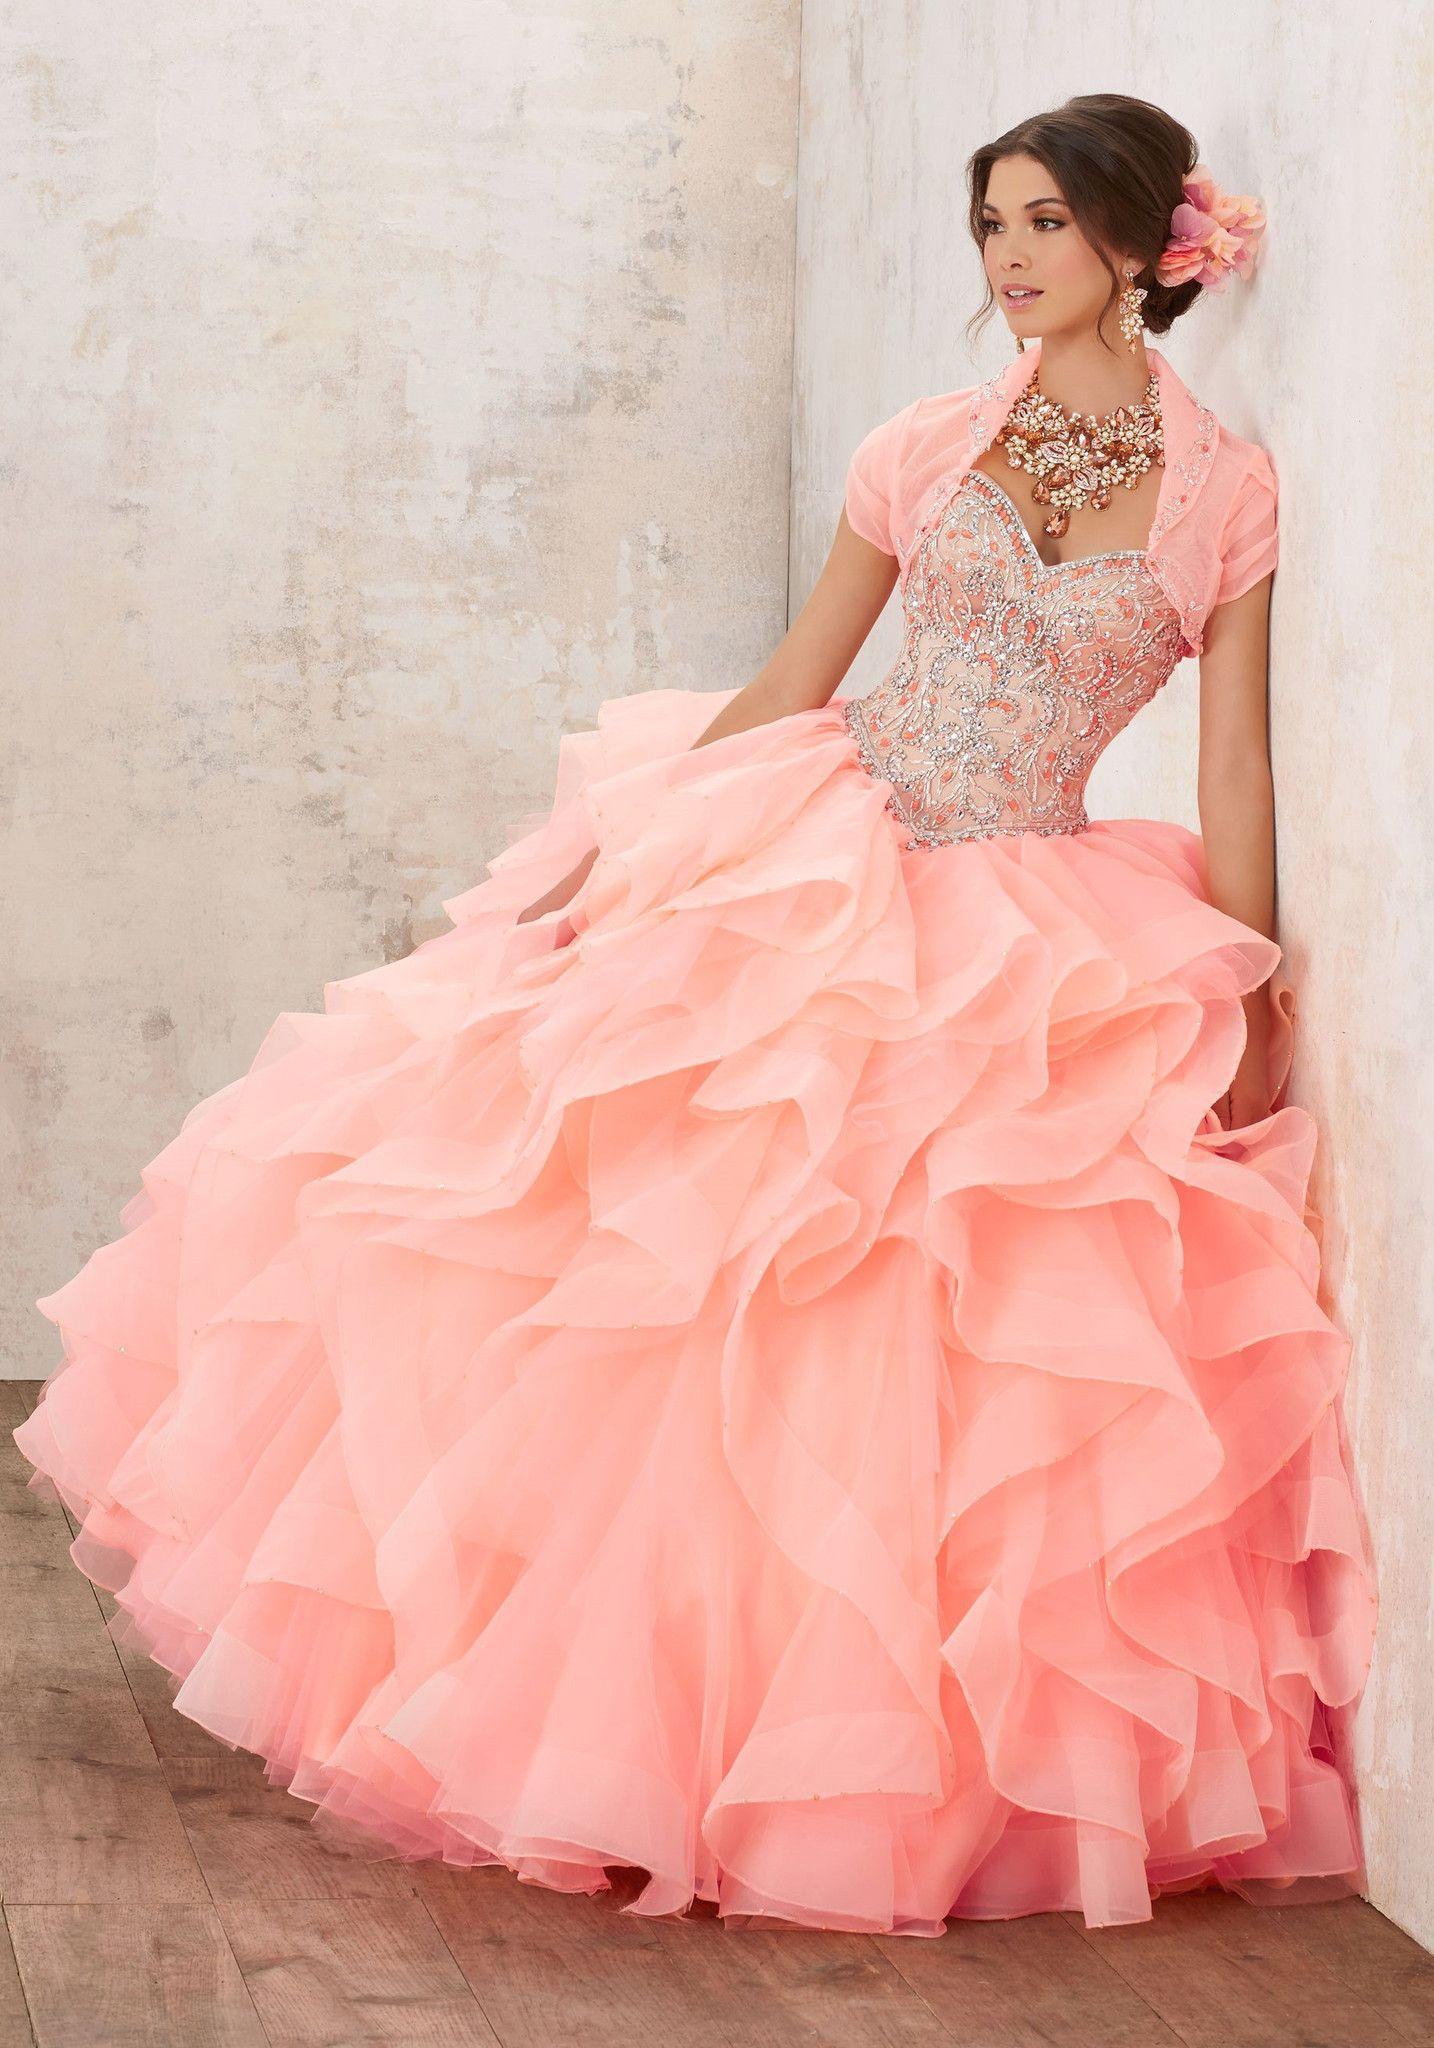 Mori Lee Quinceanera Dress 89126 | 15 años, Vestido de 15 año y Años